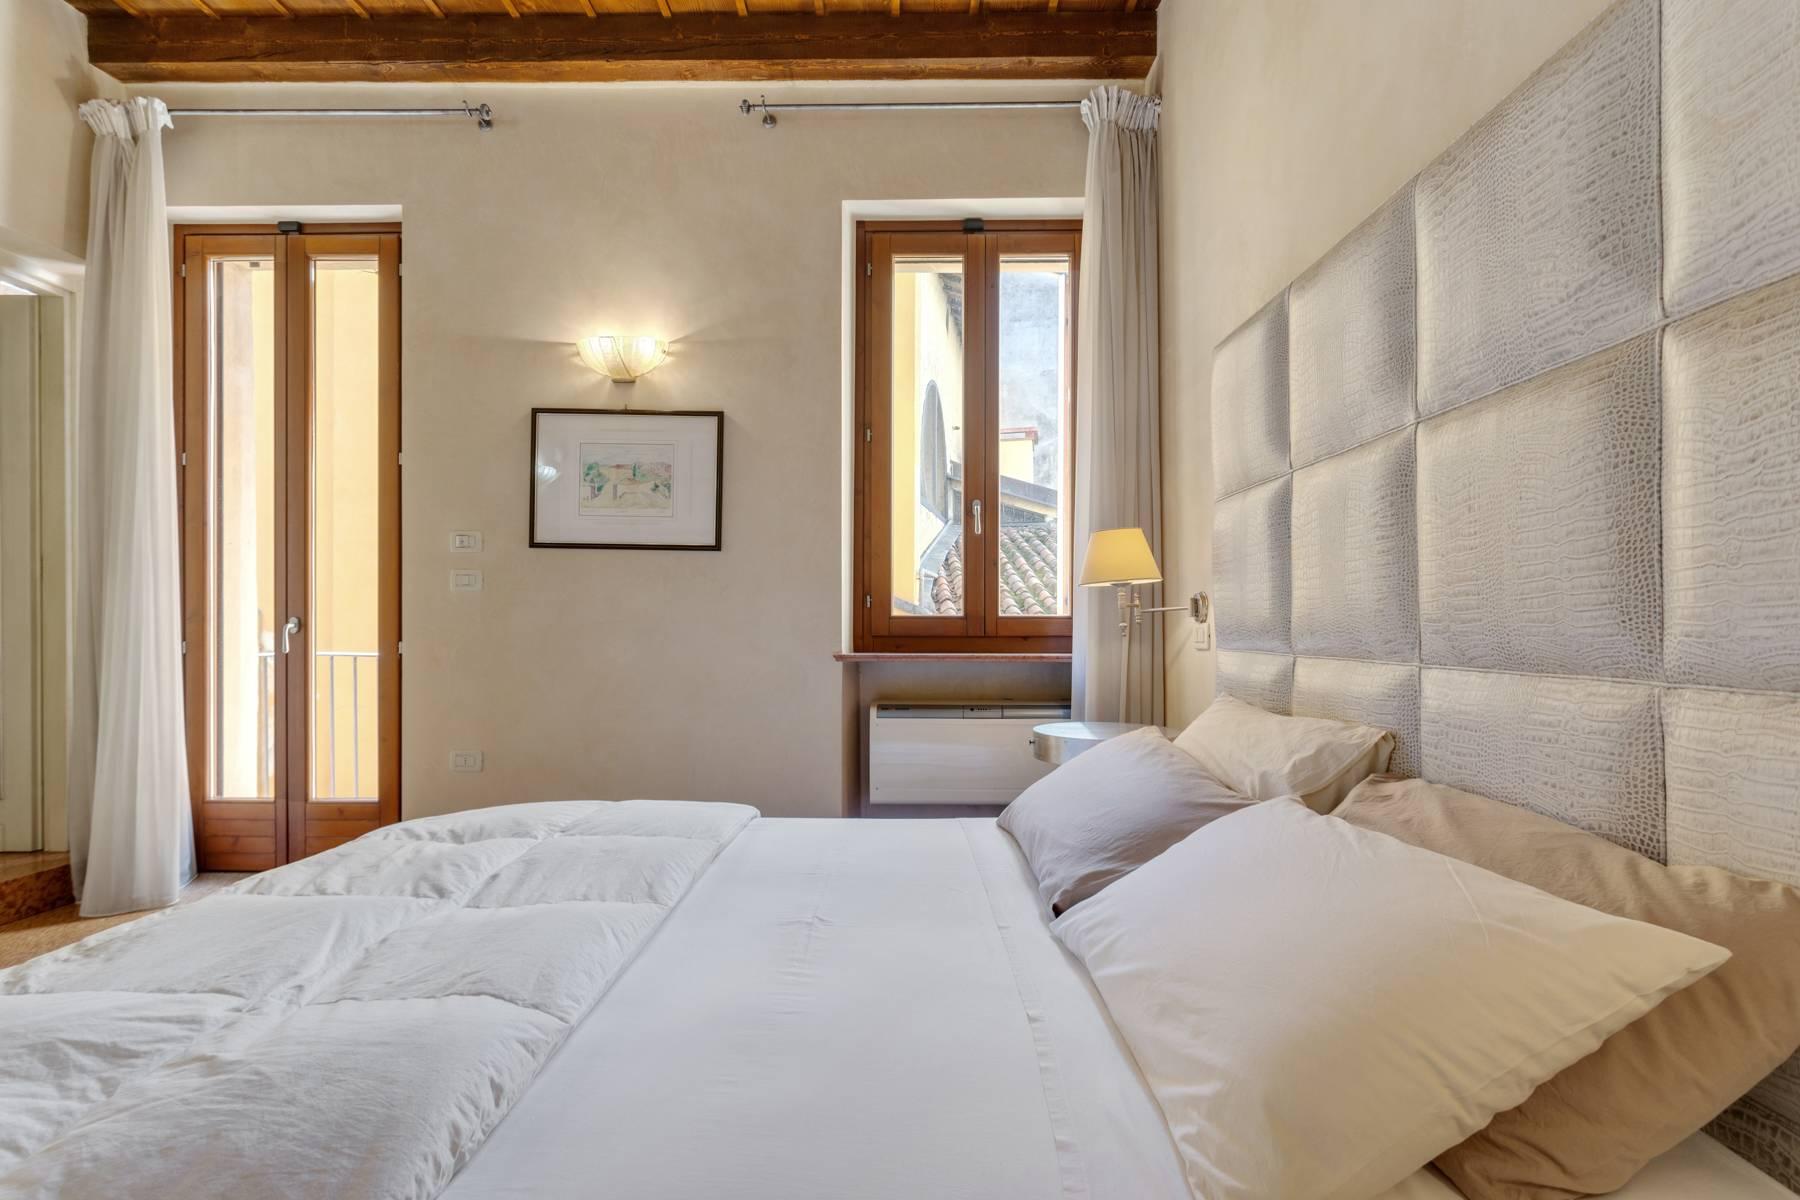 Appartamento in Vendita a Verona: 3 locali, 55 mq - Foto 11